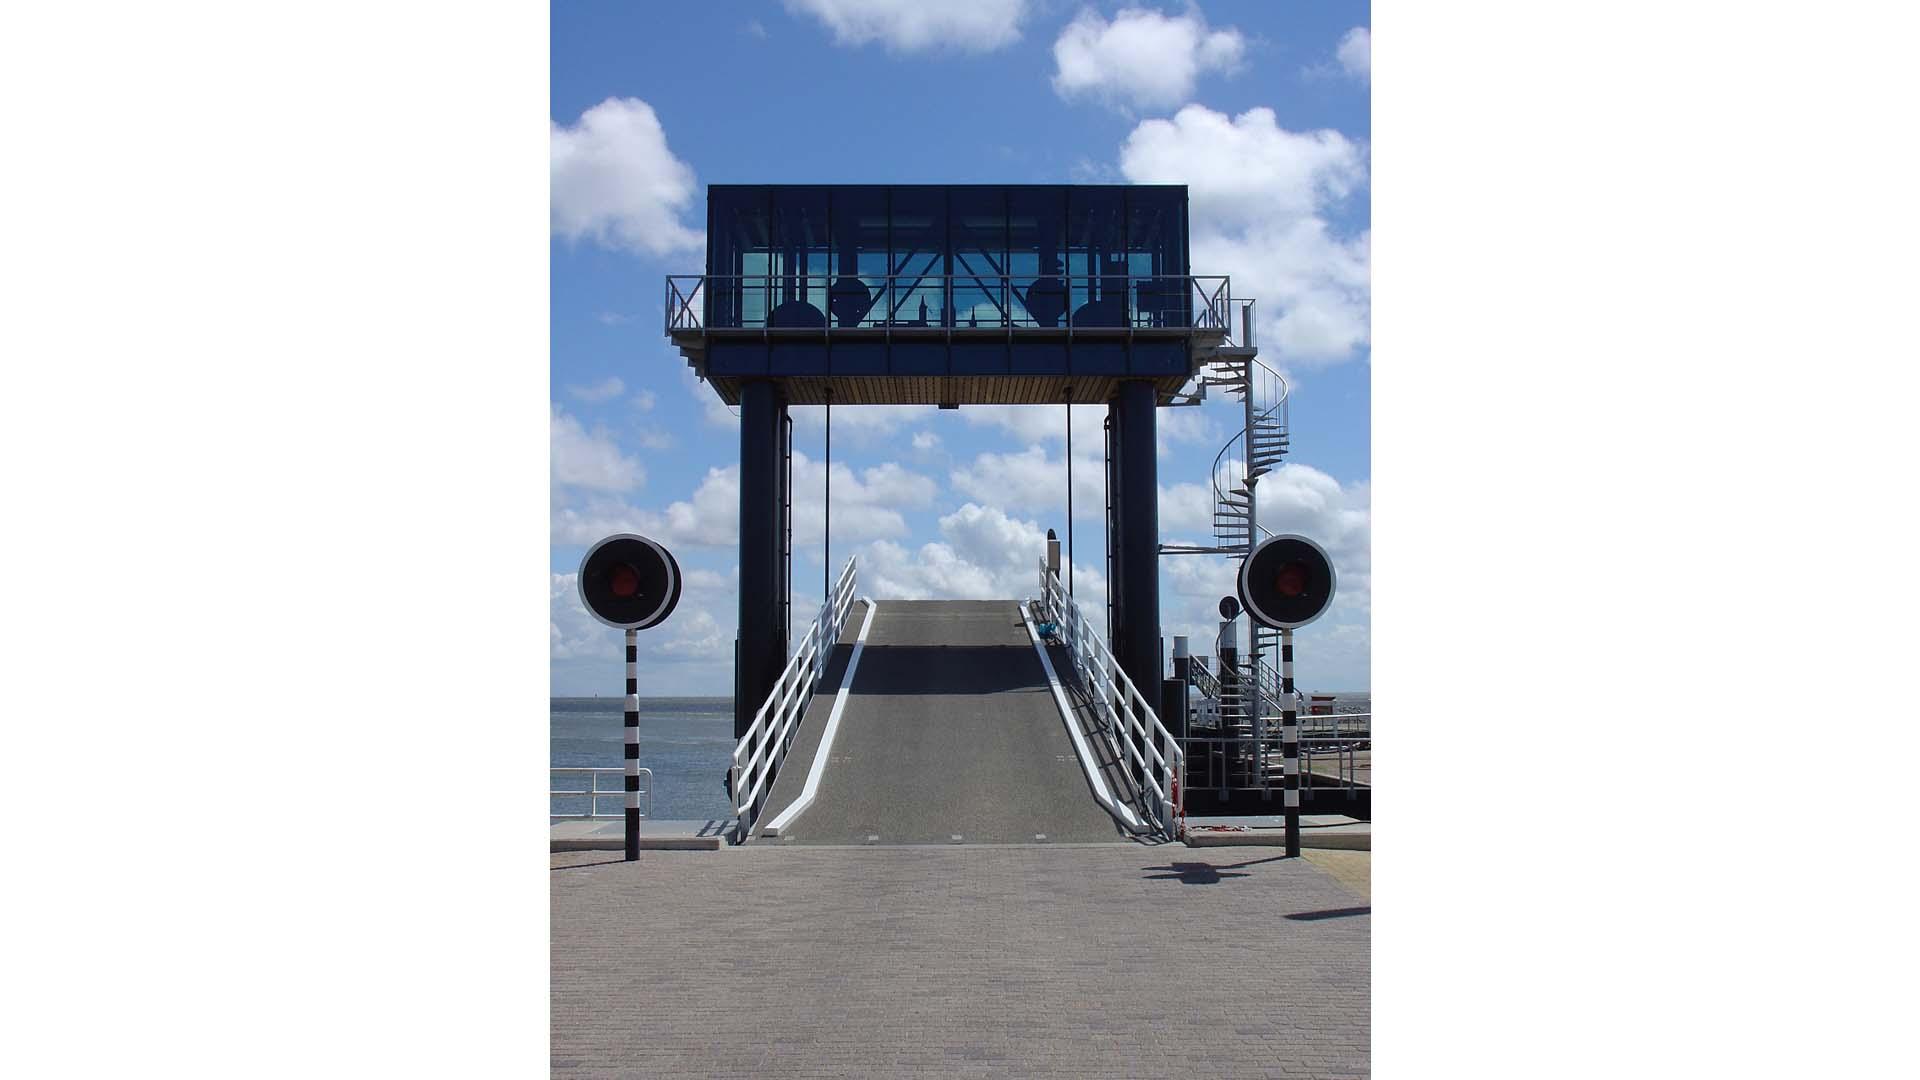 0041_Aanleginrichting autobrug Vlieland_02